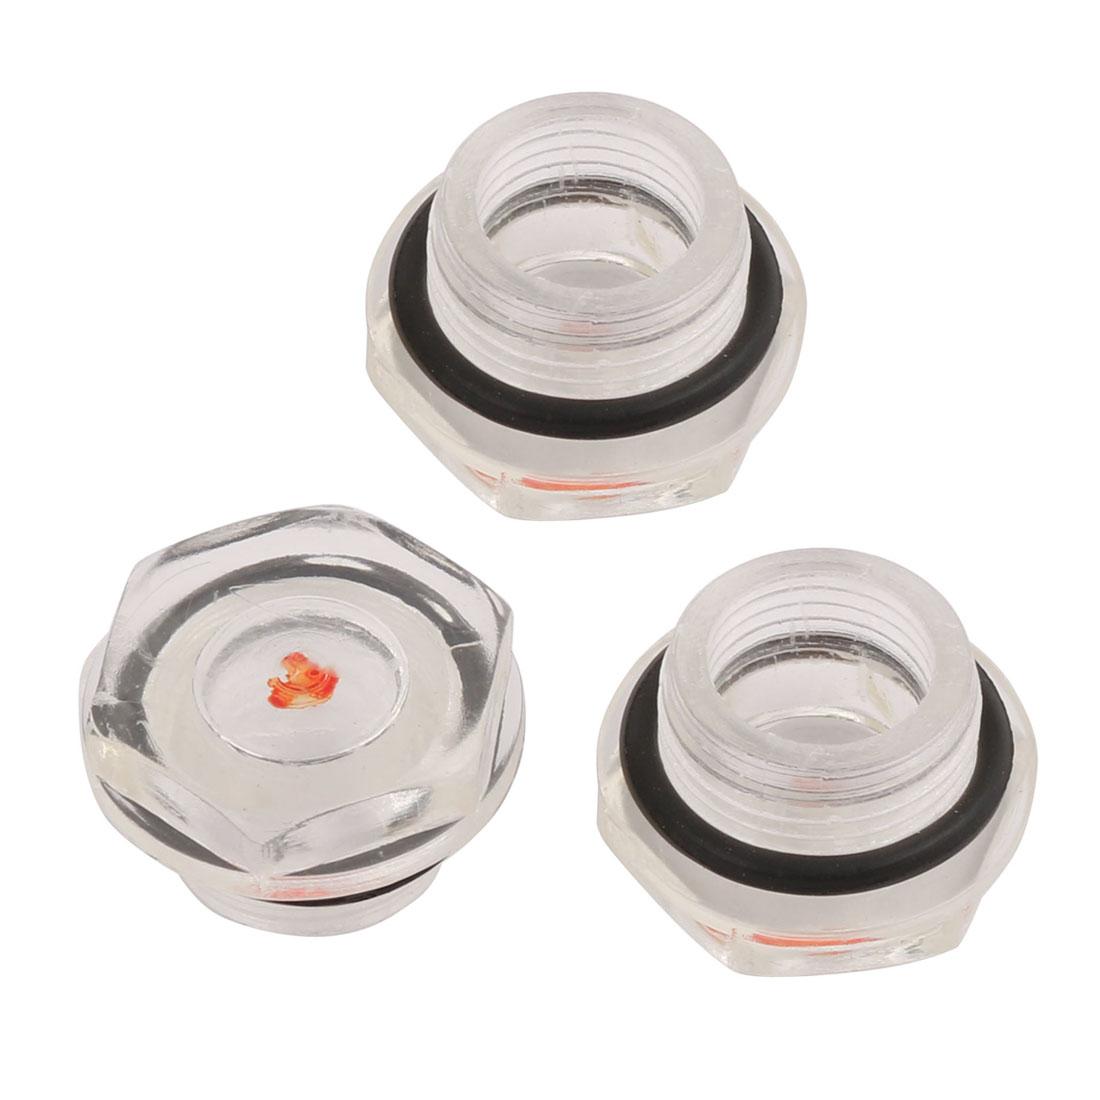 3Pcs 17mm Male Thread Dia Replacing Parts Liquid Sight Glass for Air Compressor